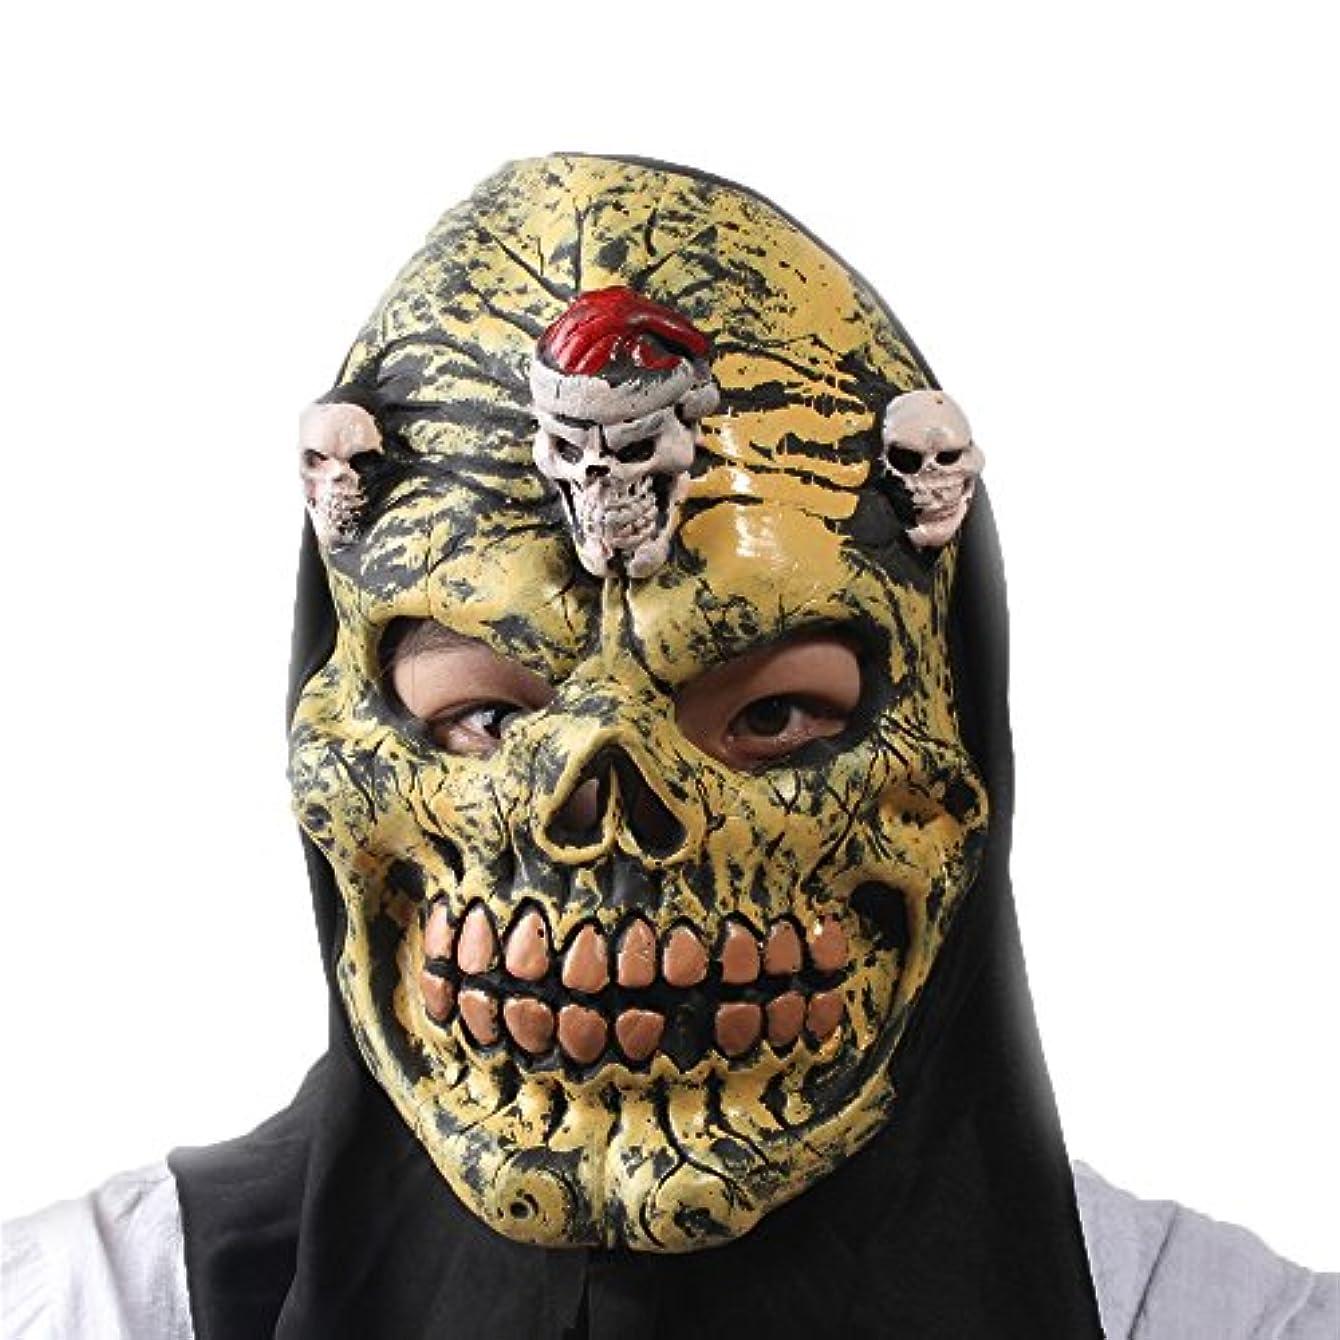 信号液化するバナーハロウィンホラーウィッチマスク呪いゴーストマスク/太郎マスク/ブルネットゾンビマスク